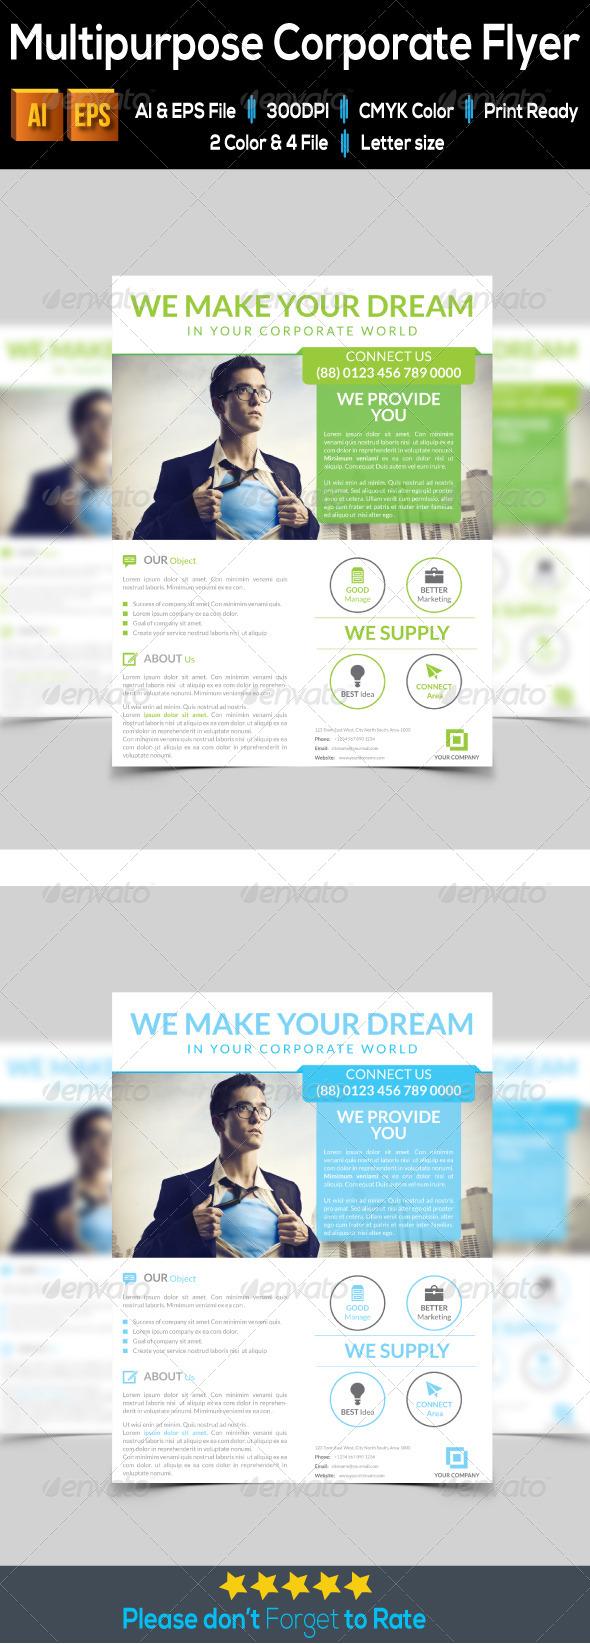 GraphicRiver Multipurpose Corporate Flyer 7915778